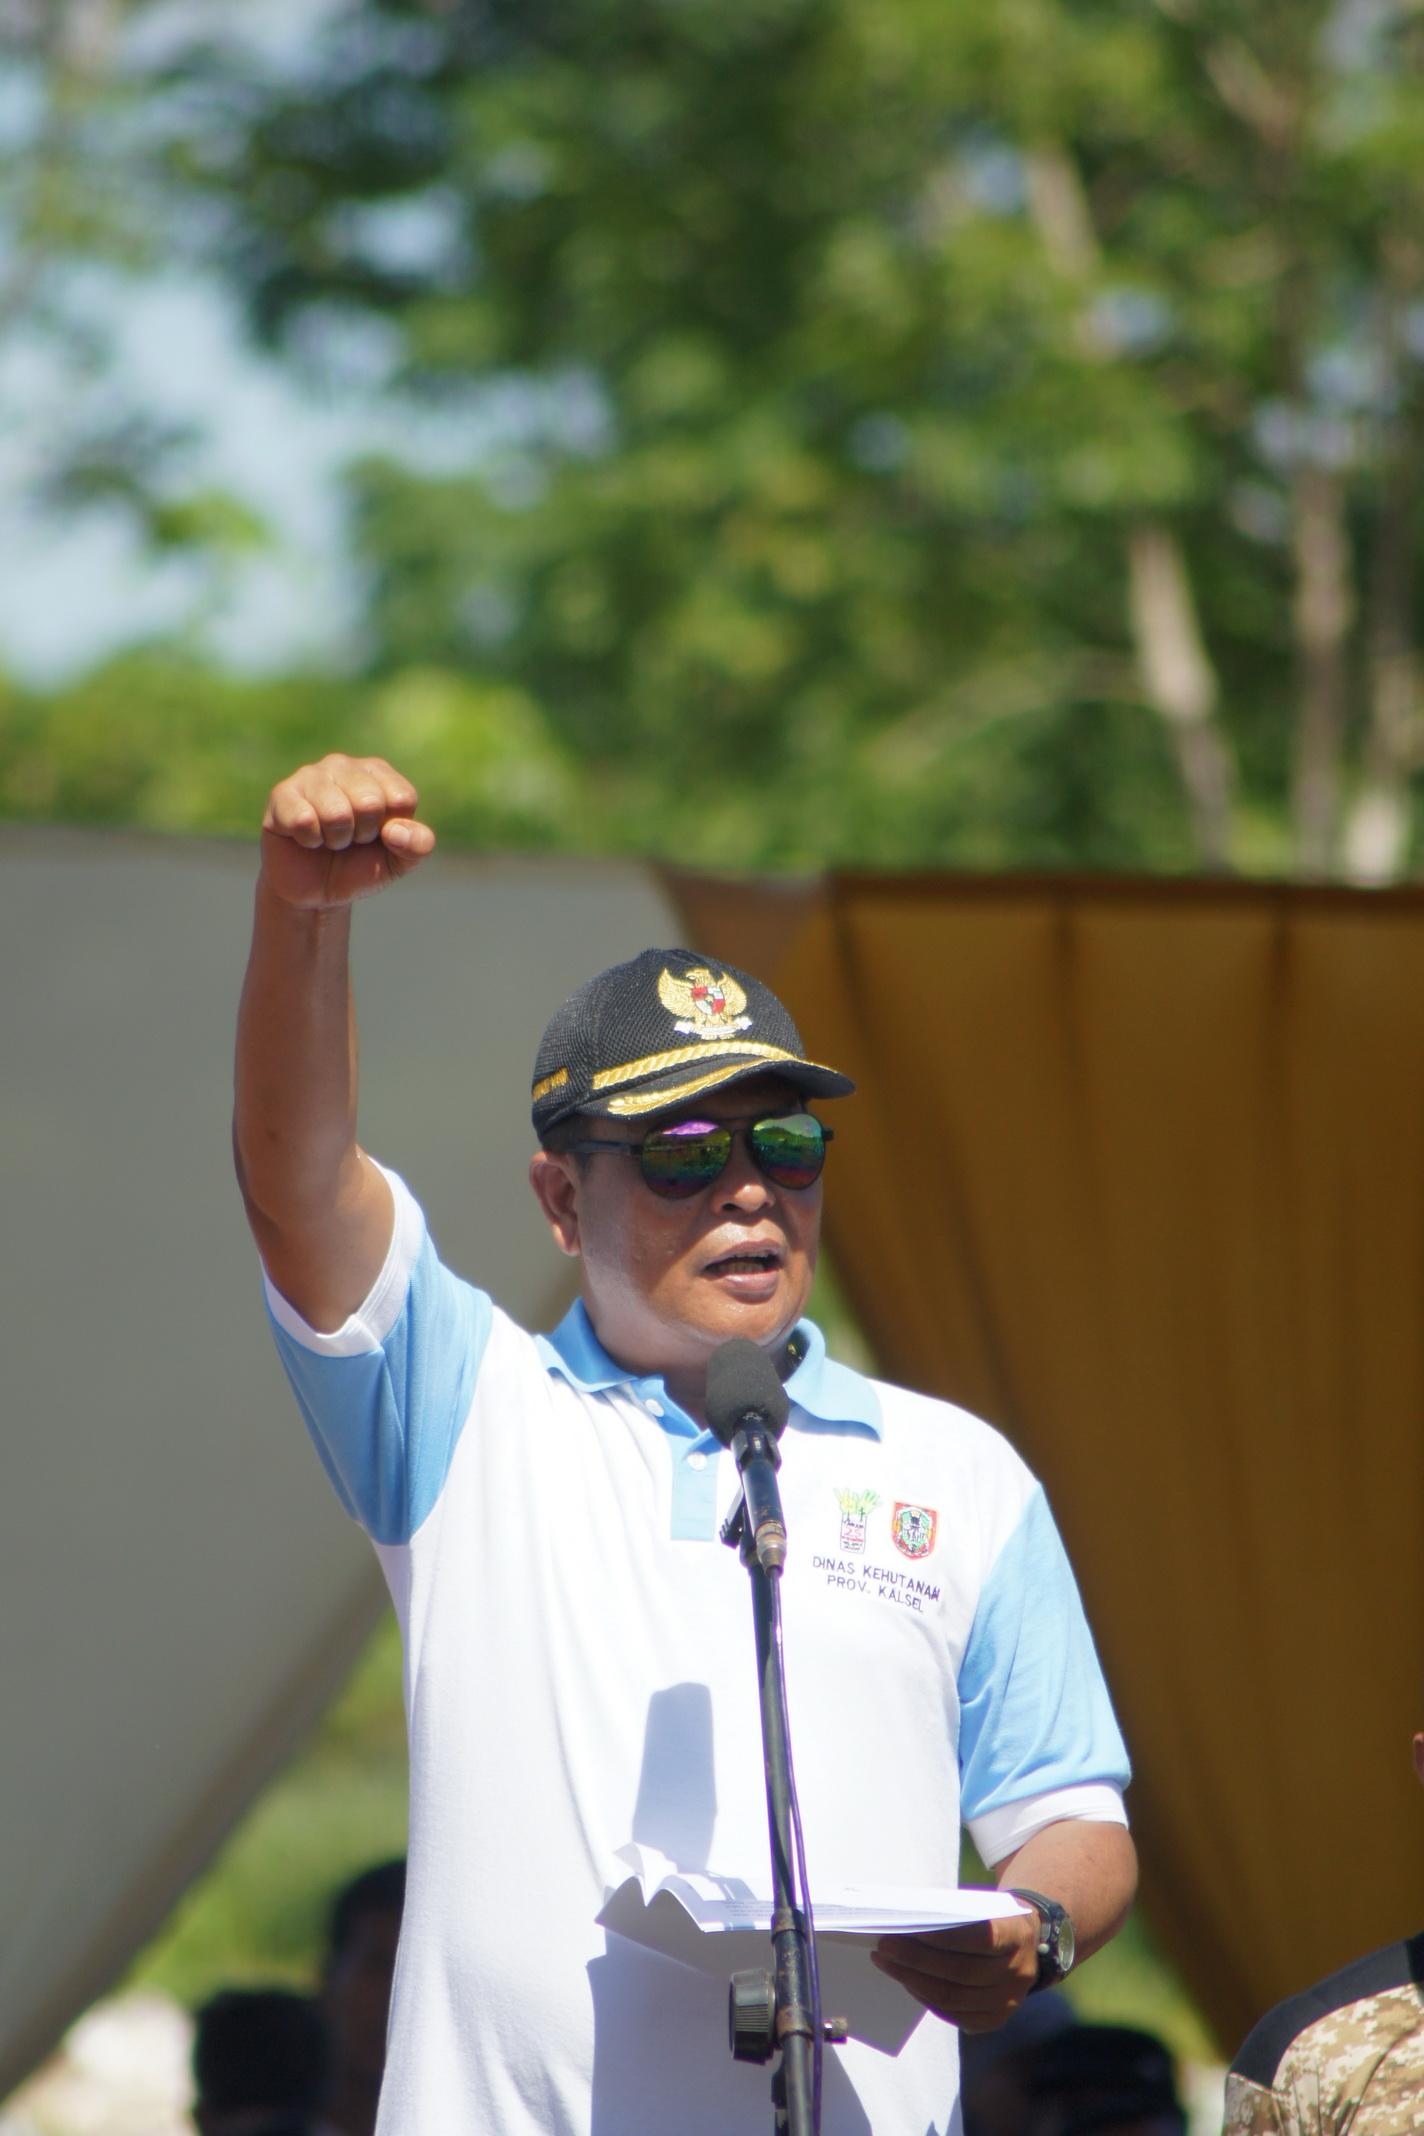 Sambutan oleh Gubernur Provinsi Kalimantan Selatan - H. Sahbirin Noor, S.Sos, M.H